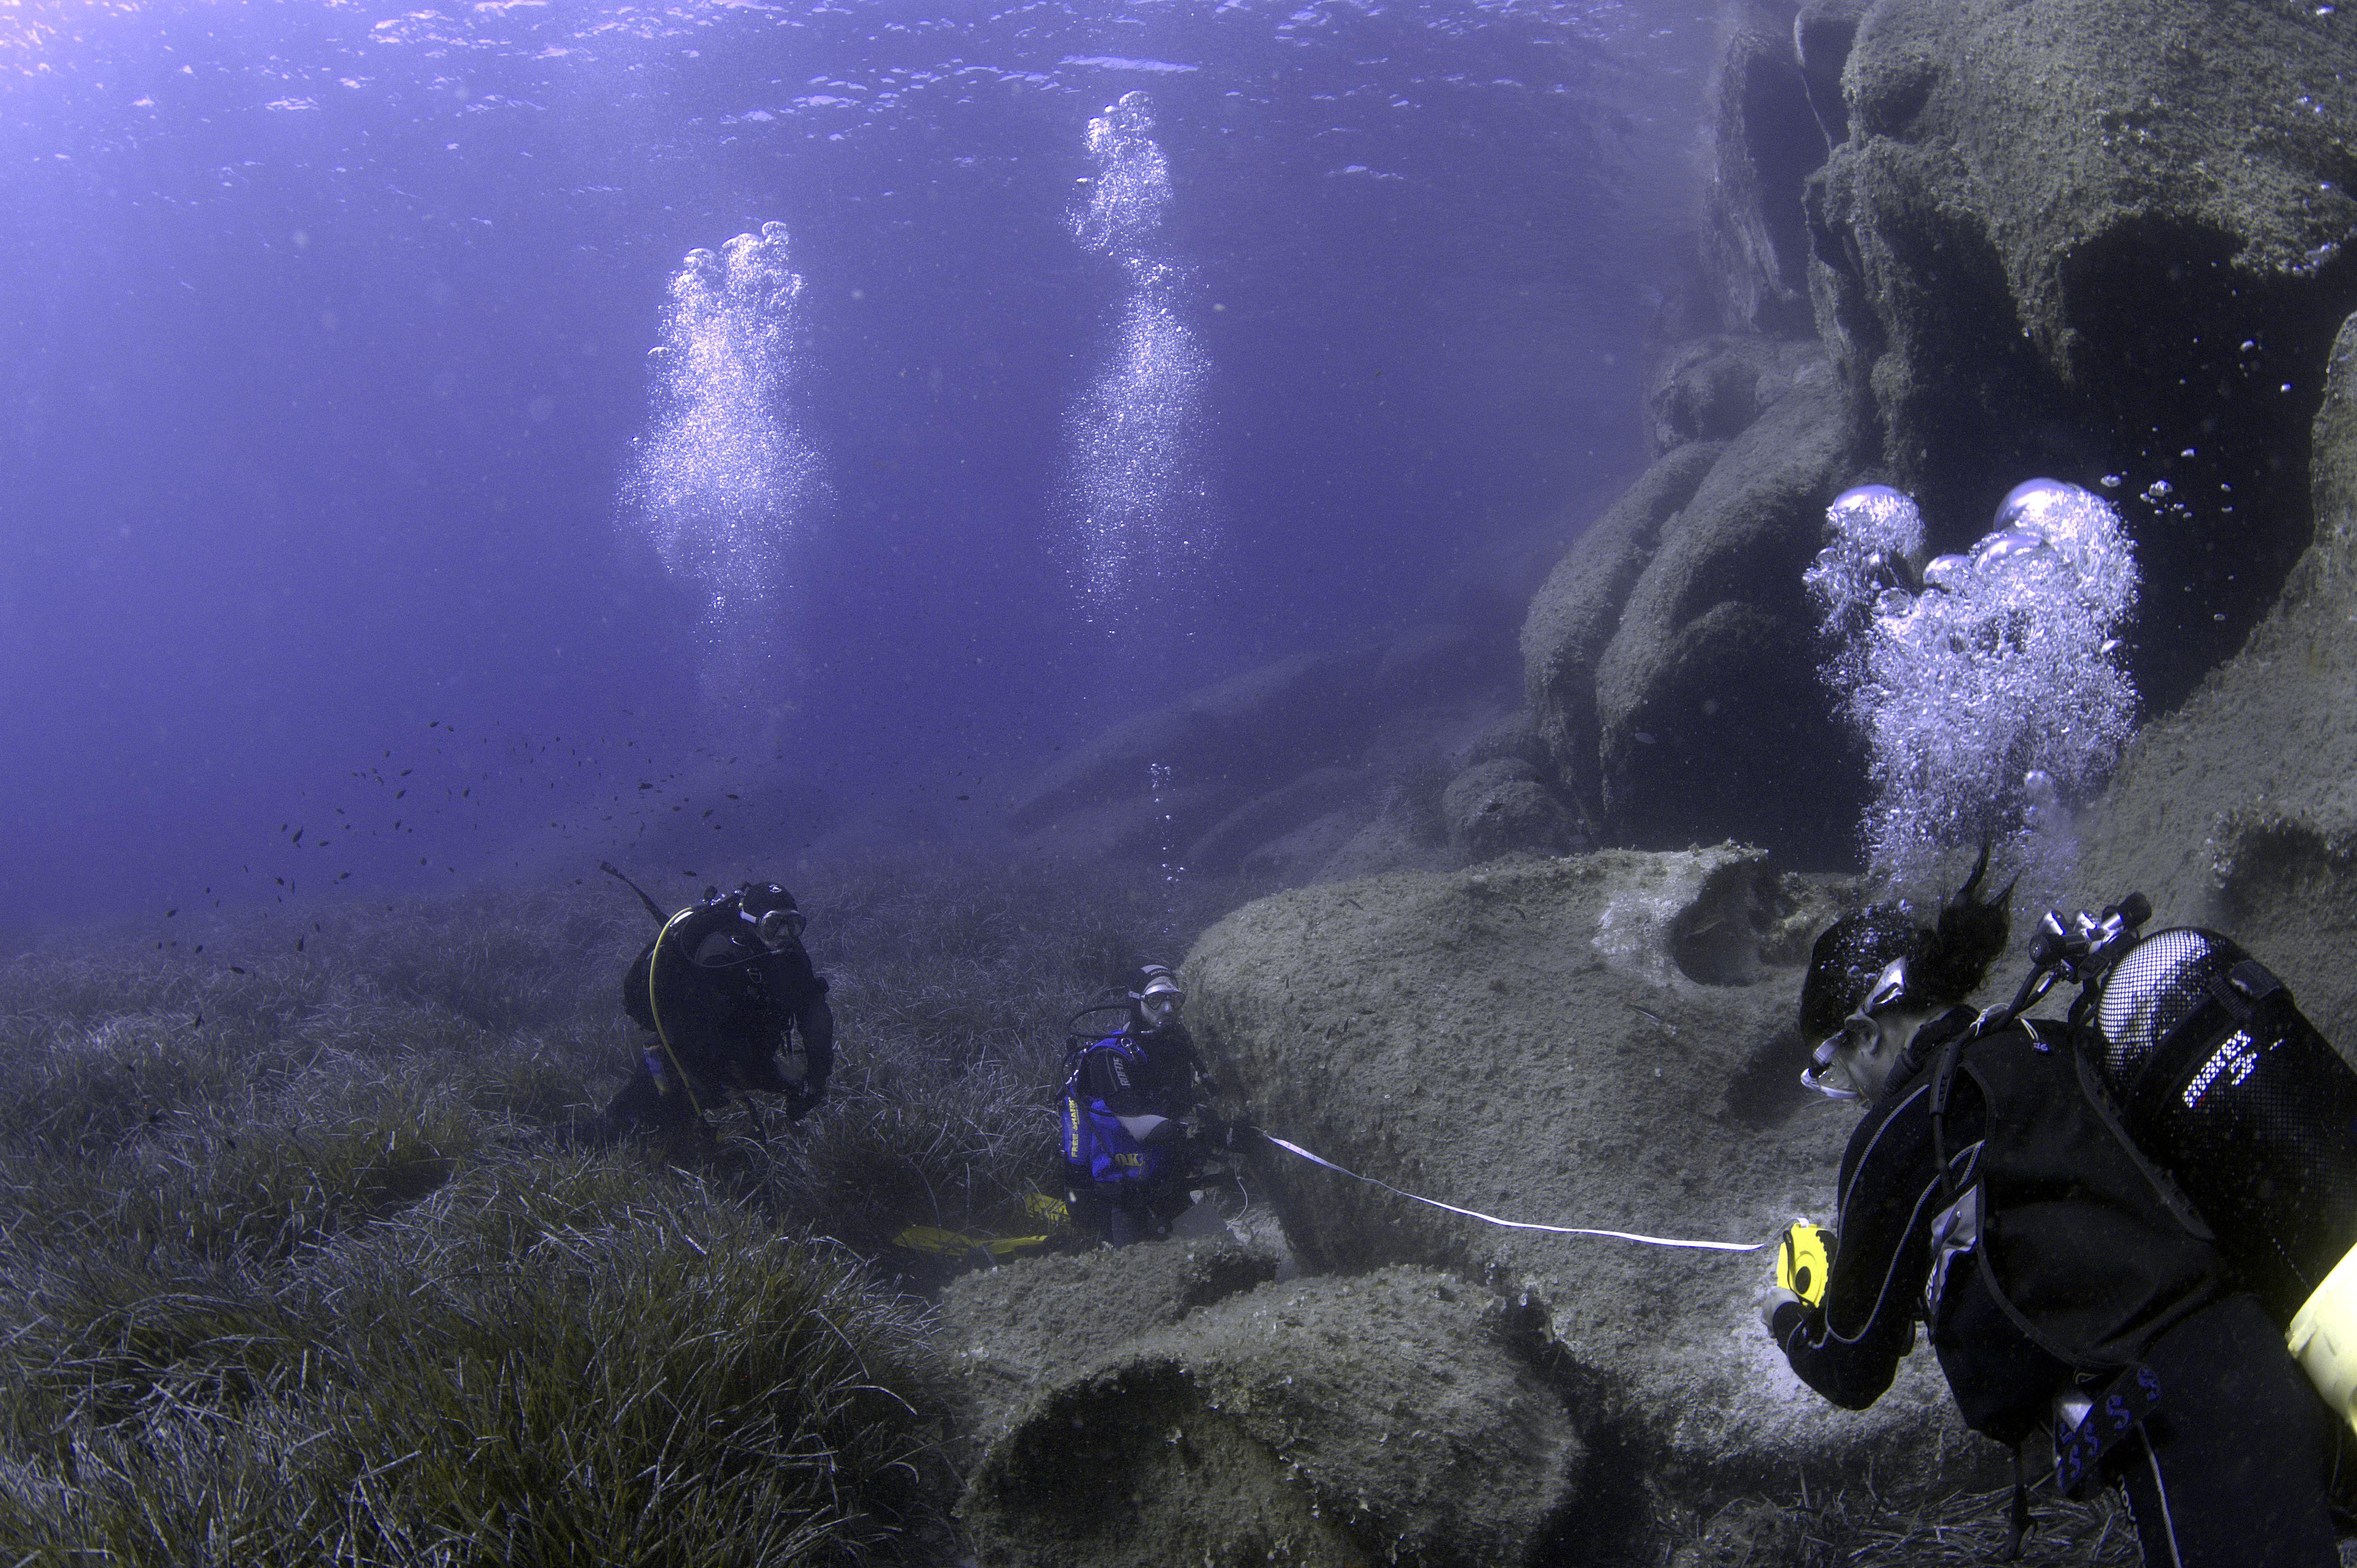 I sedimenti marini: quando la dimensione conta